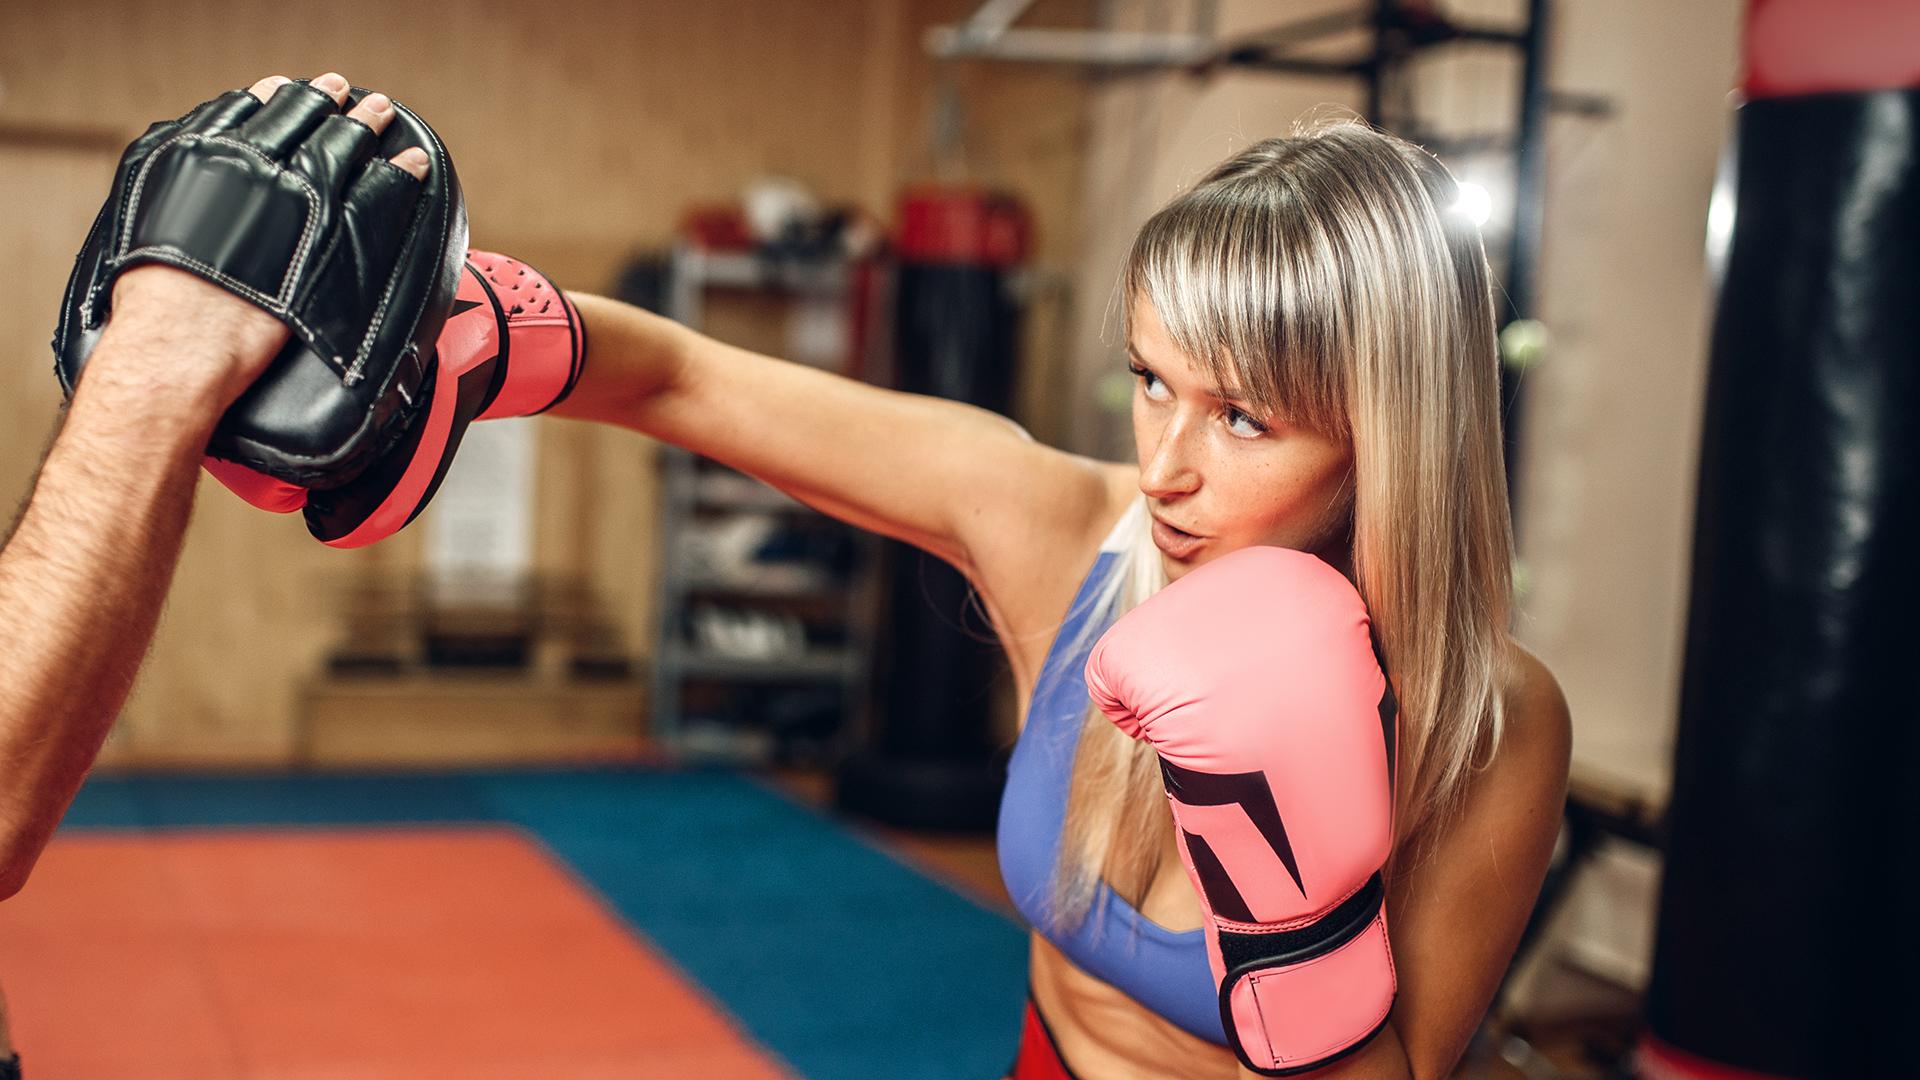 Personaltraining in München für Thaiboxen, Kickboxen und Fitness